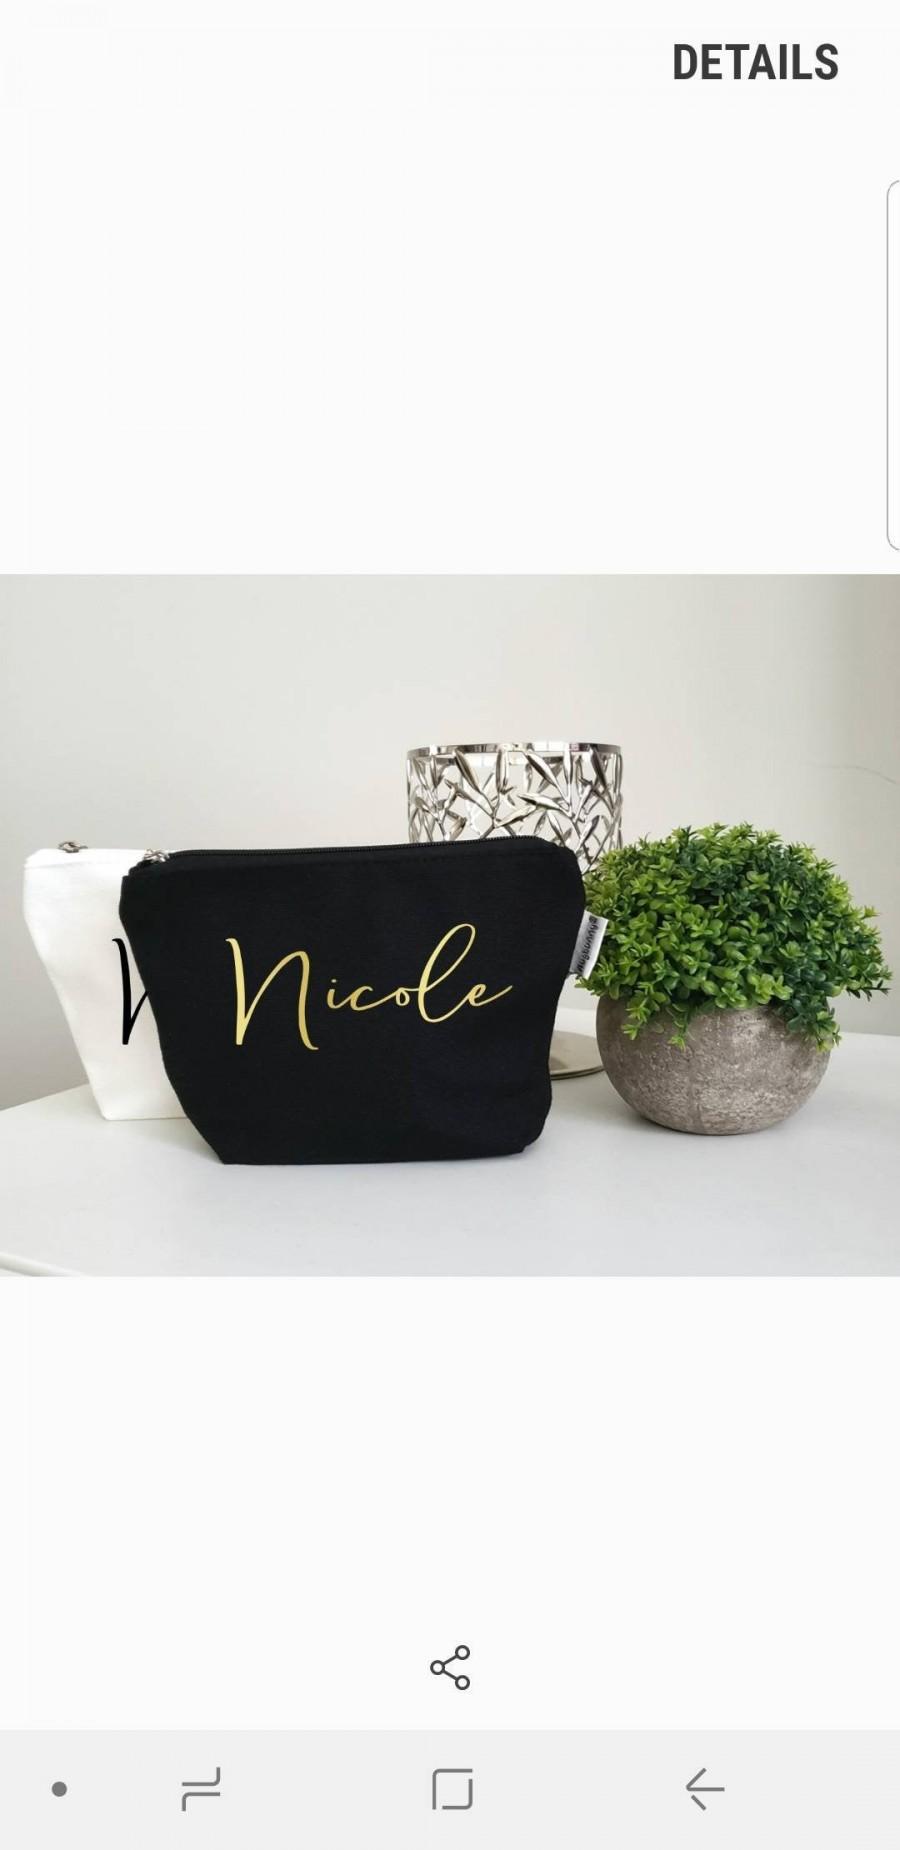 Mariage - Name Makeup Bag